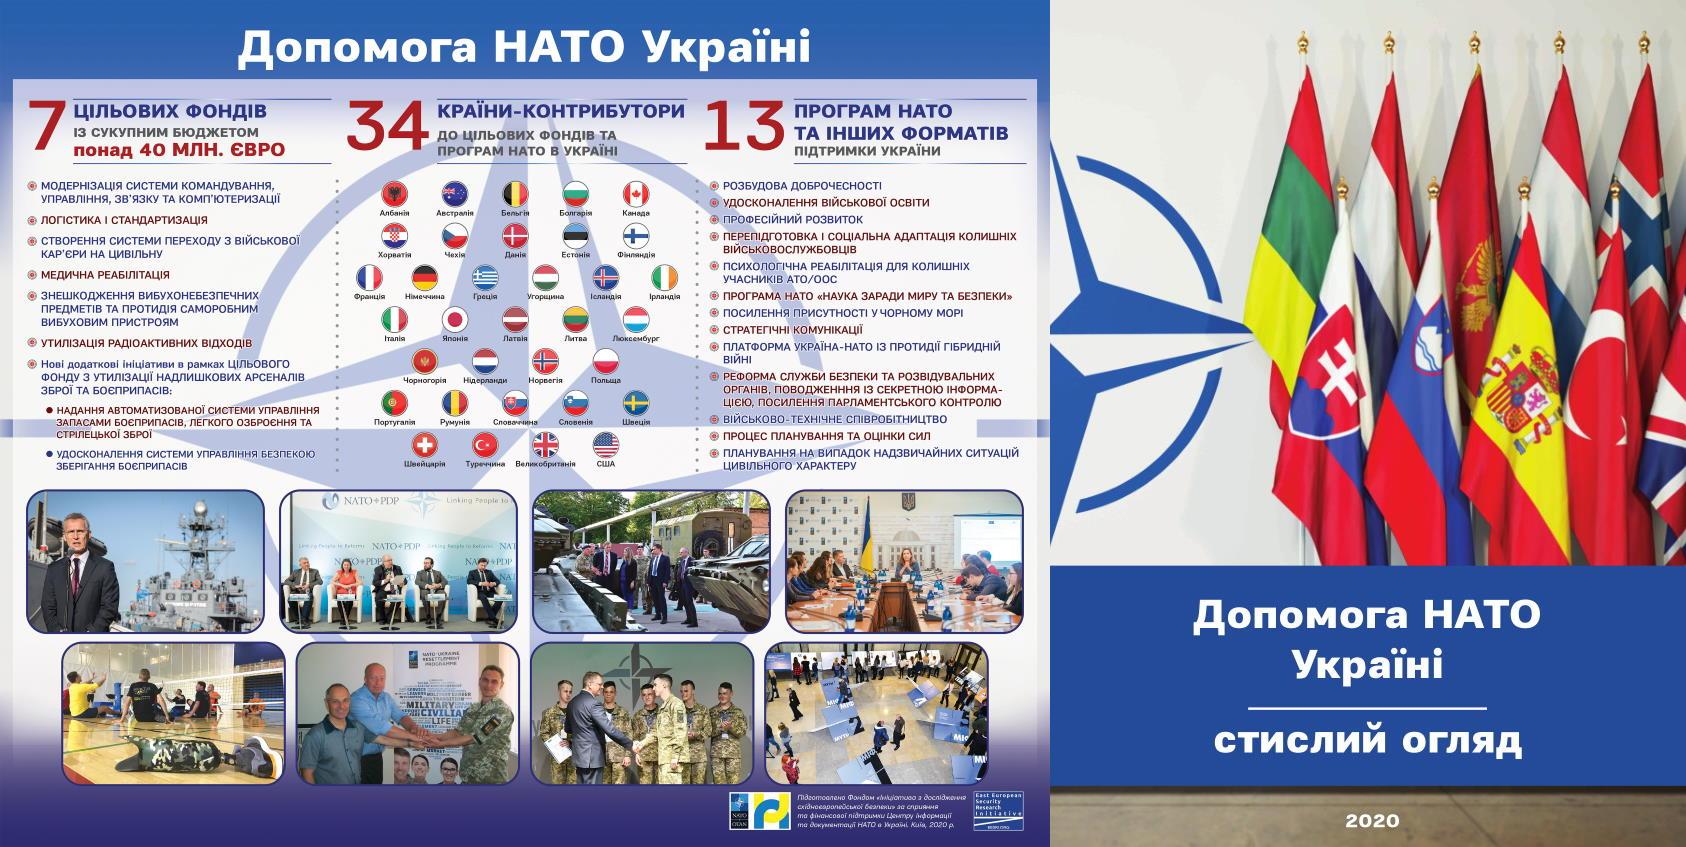 Допомога НАТО Україні: стислий огляд 2020